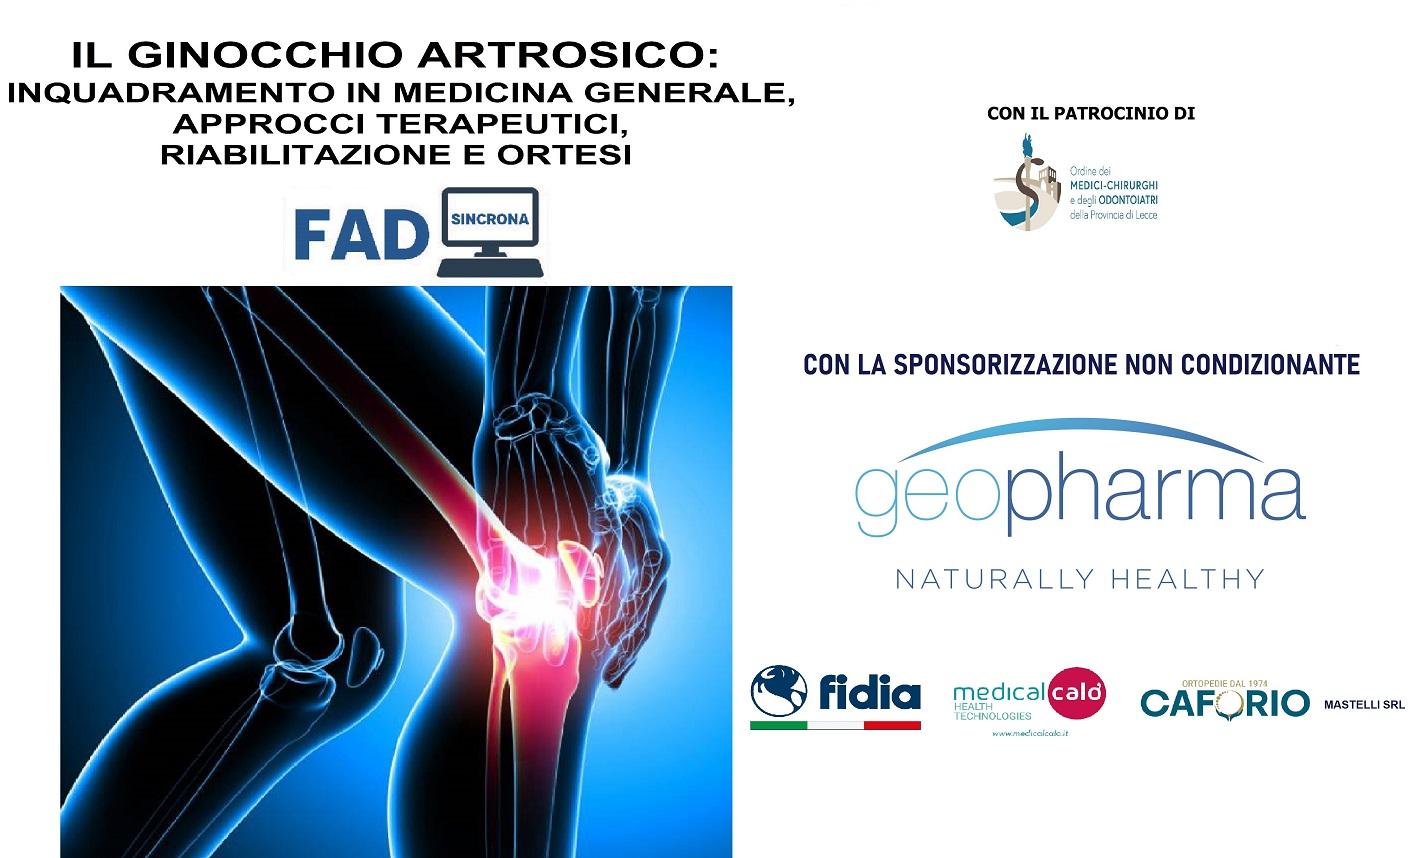 Course Image IL GINOCCHIO ARTROSICO:  INQUADRAMENTO IN MEDICINA GENERALE, APPROCCI TERAPEUTICI, RIABILITAZIONE E ORTESI